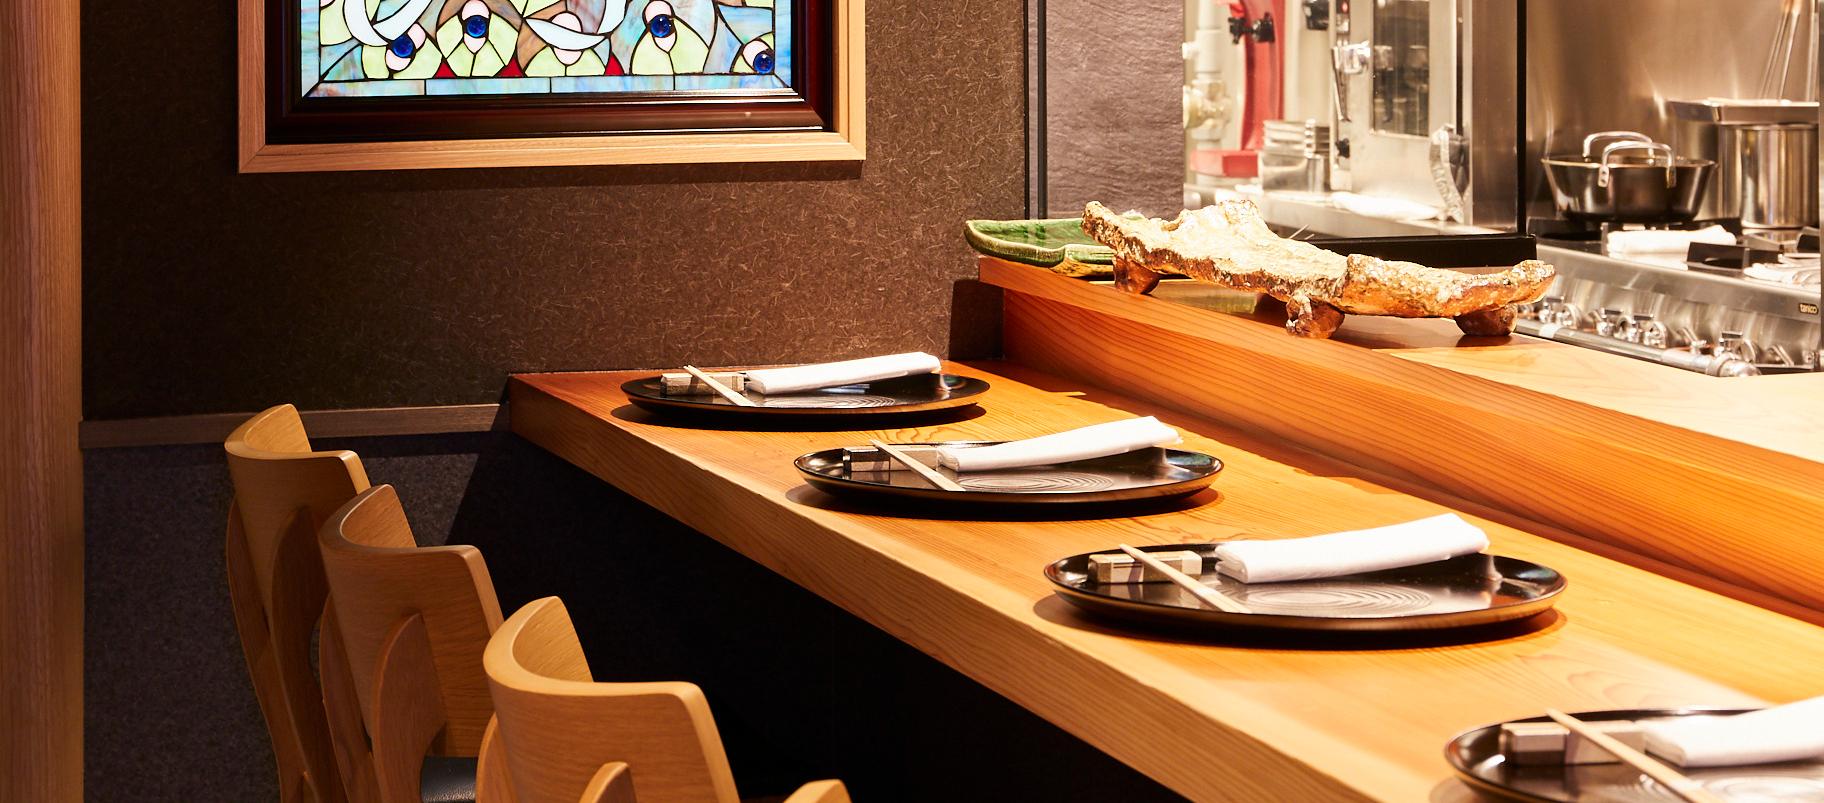 2020年上半期にオープンした注目店7選!名店料理人が手掛ける和食店は、価格も初心者向き。